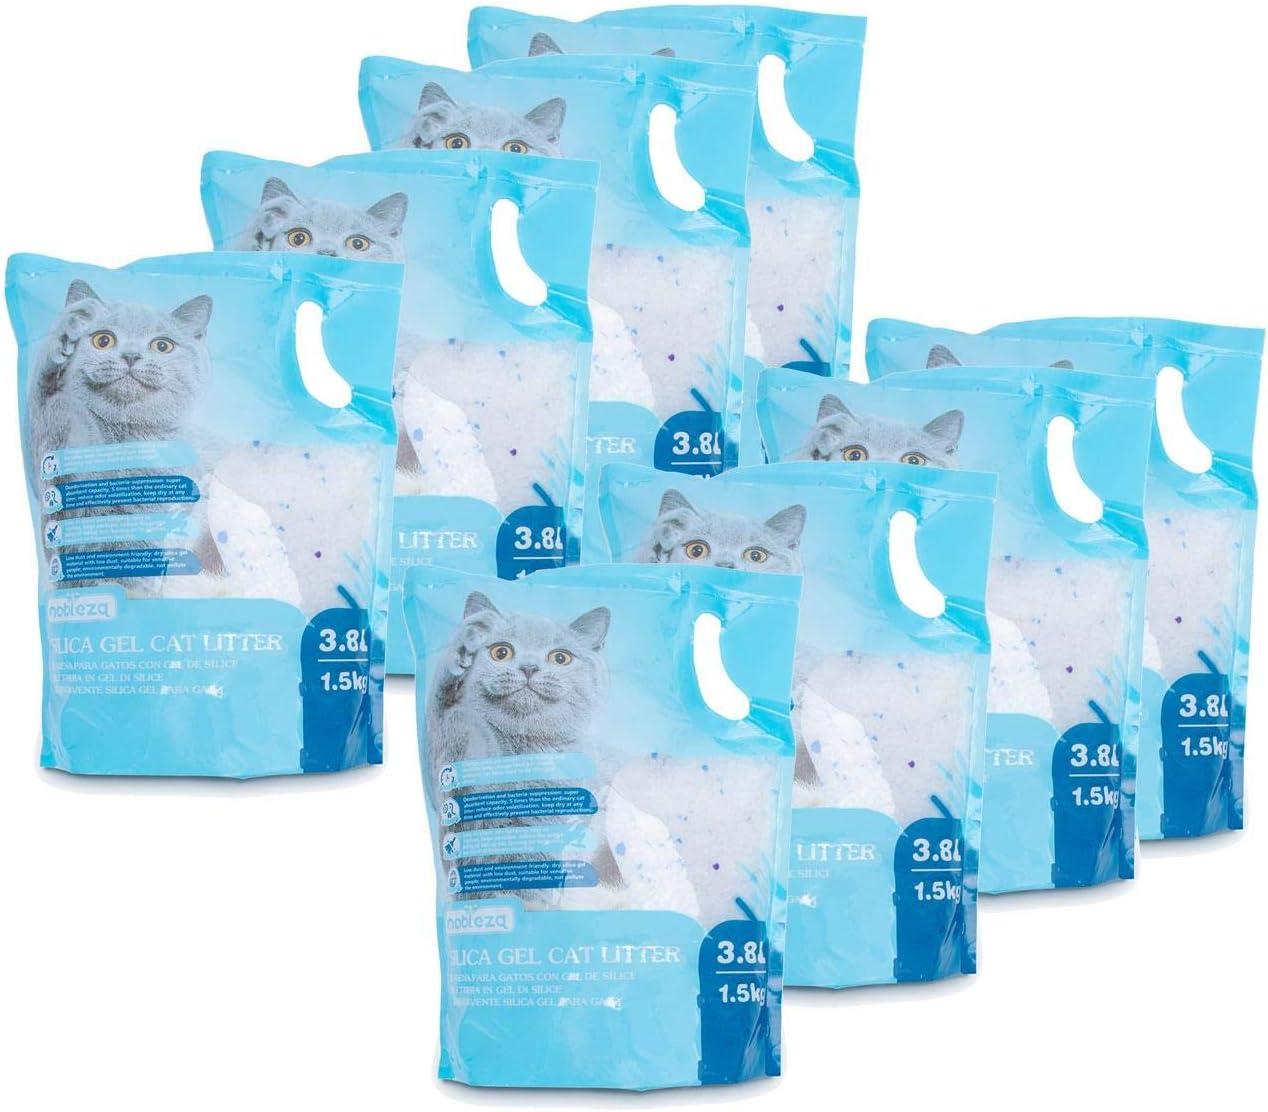 Nobleza - 8 x Arena para Gatos de sílice Camada para Gatitos de Gel de Diamante 3.8L Absorbente, Cómodo Biodegradable